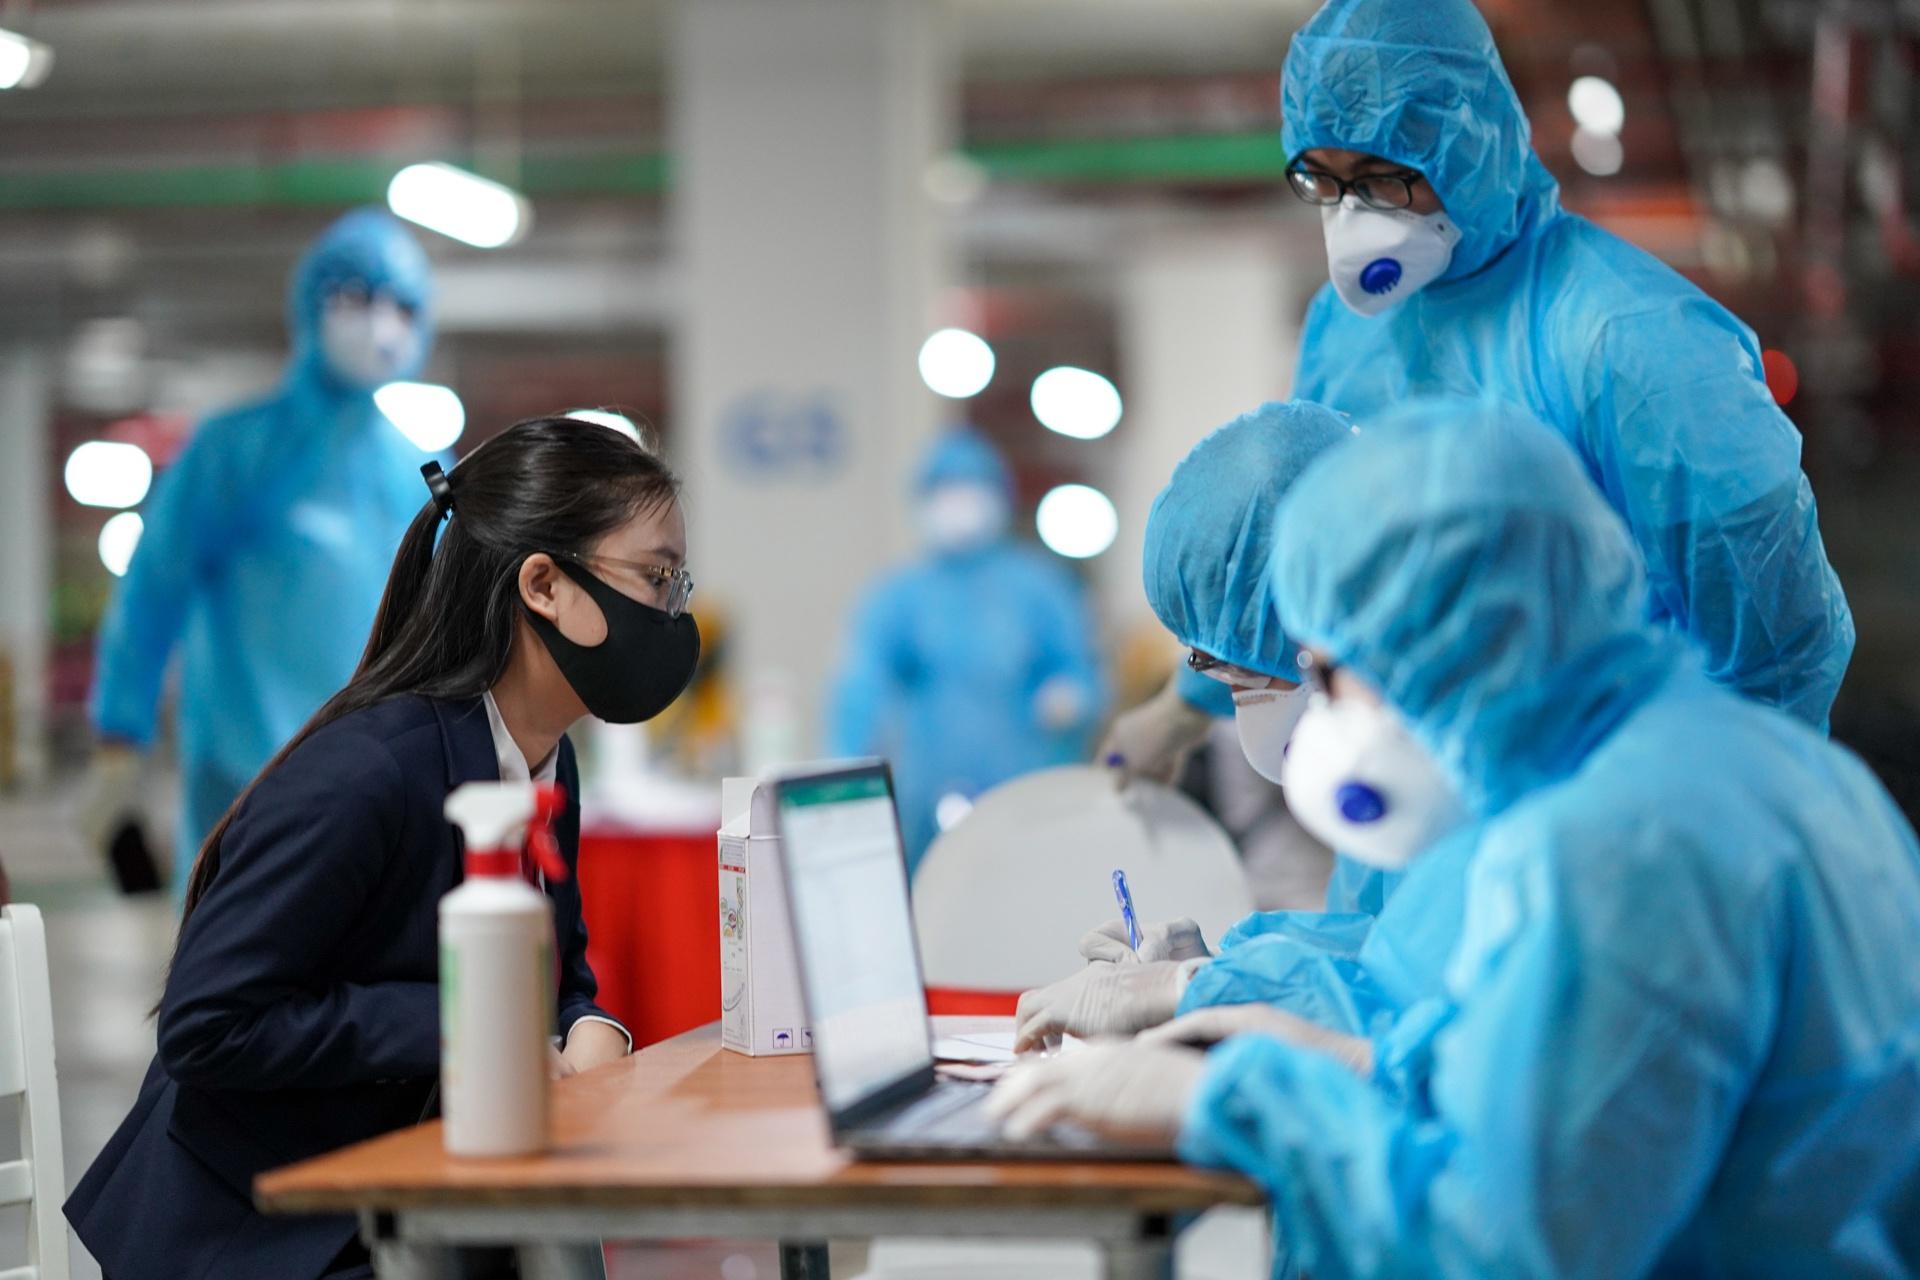 Nhân viên y tế lấy mẫu xét nghiệm Covid-19 cho người dân. Ảnh minh họa: Hoàng Giám.